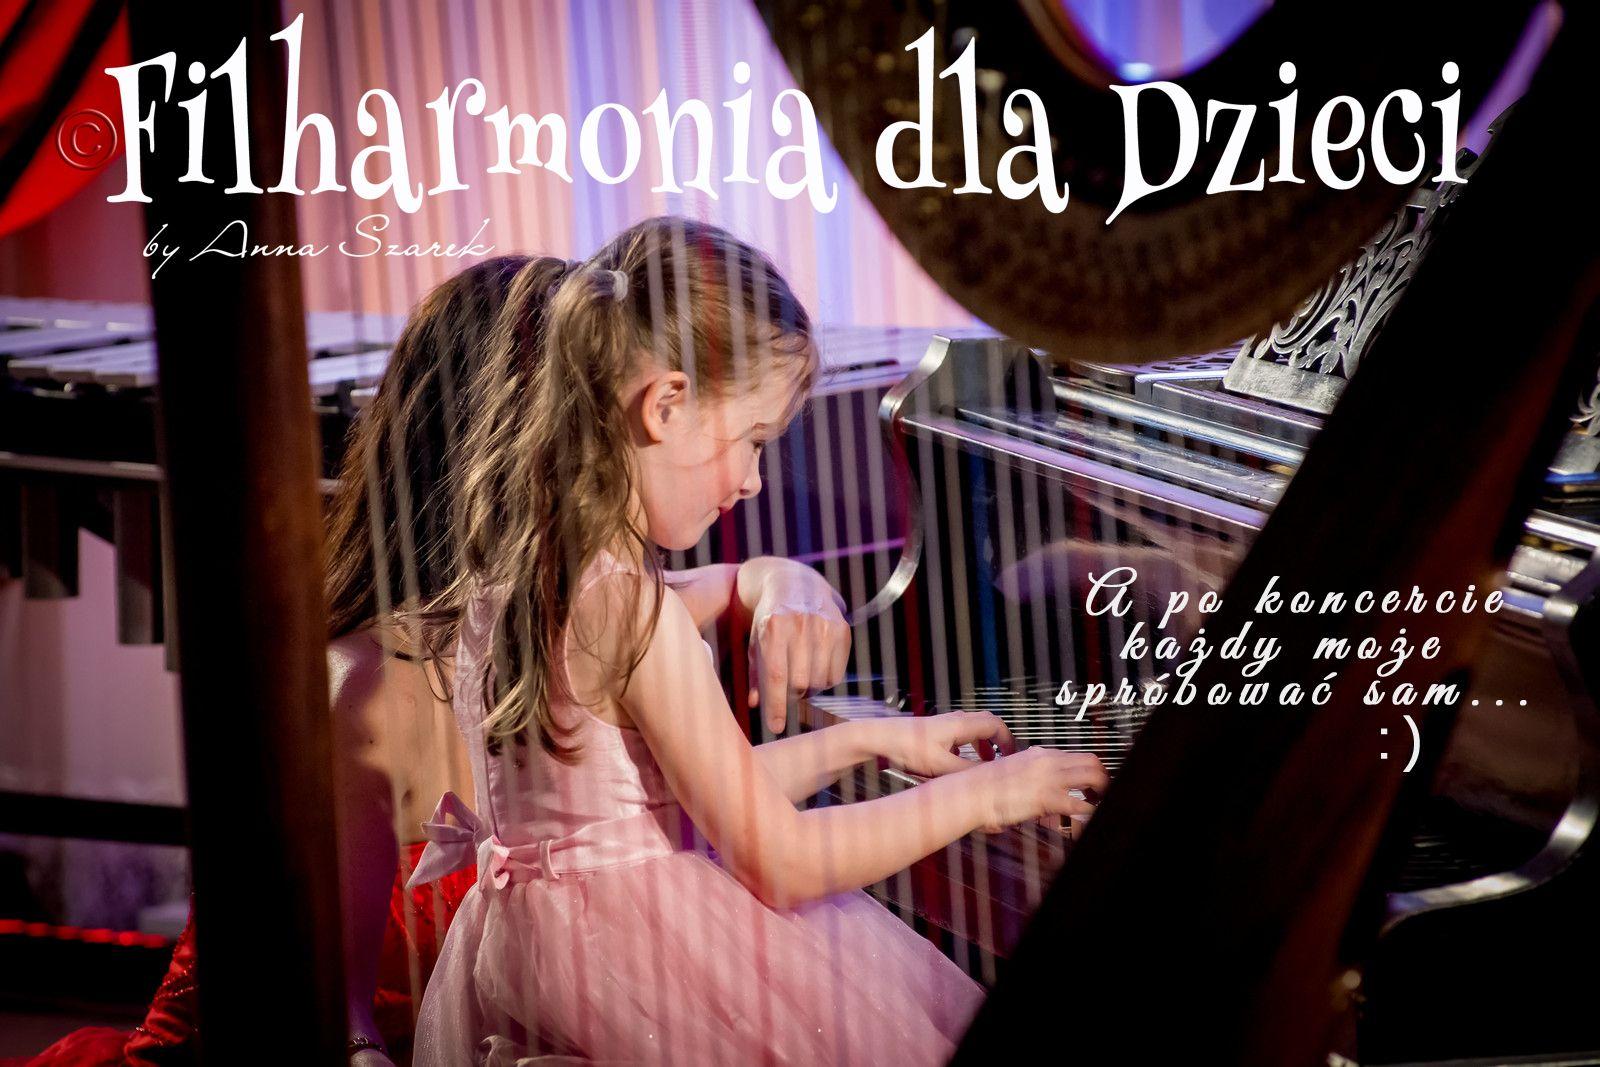 Filharmonia dla Dzieci Wilanów